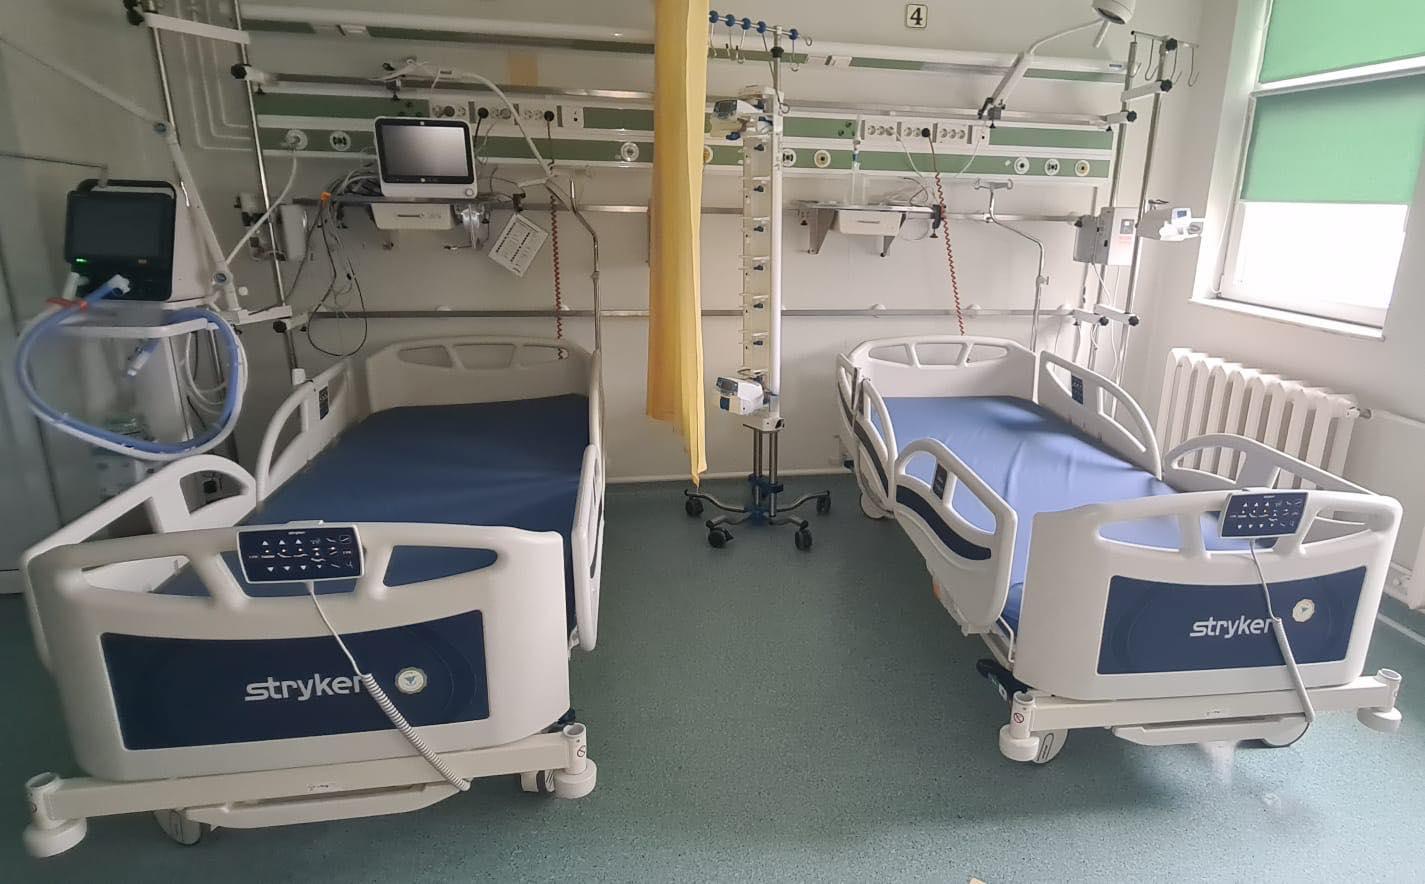 Asociația Dăruiește Aripi a dotat două spitale din județul Constanța cu 10 paturi de terapie intensivă